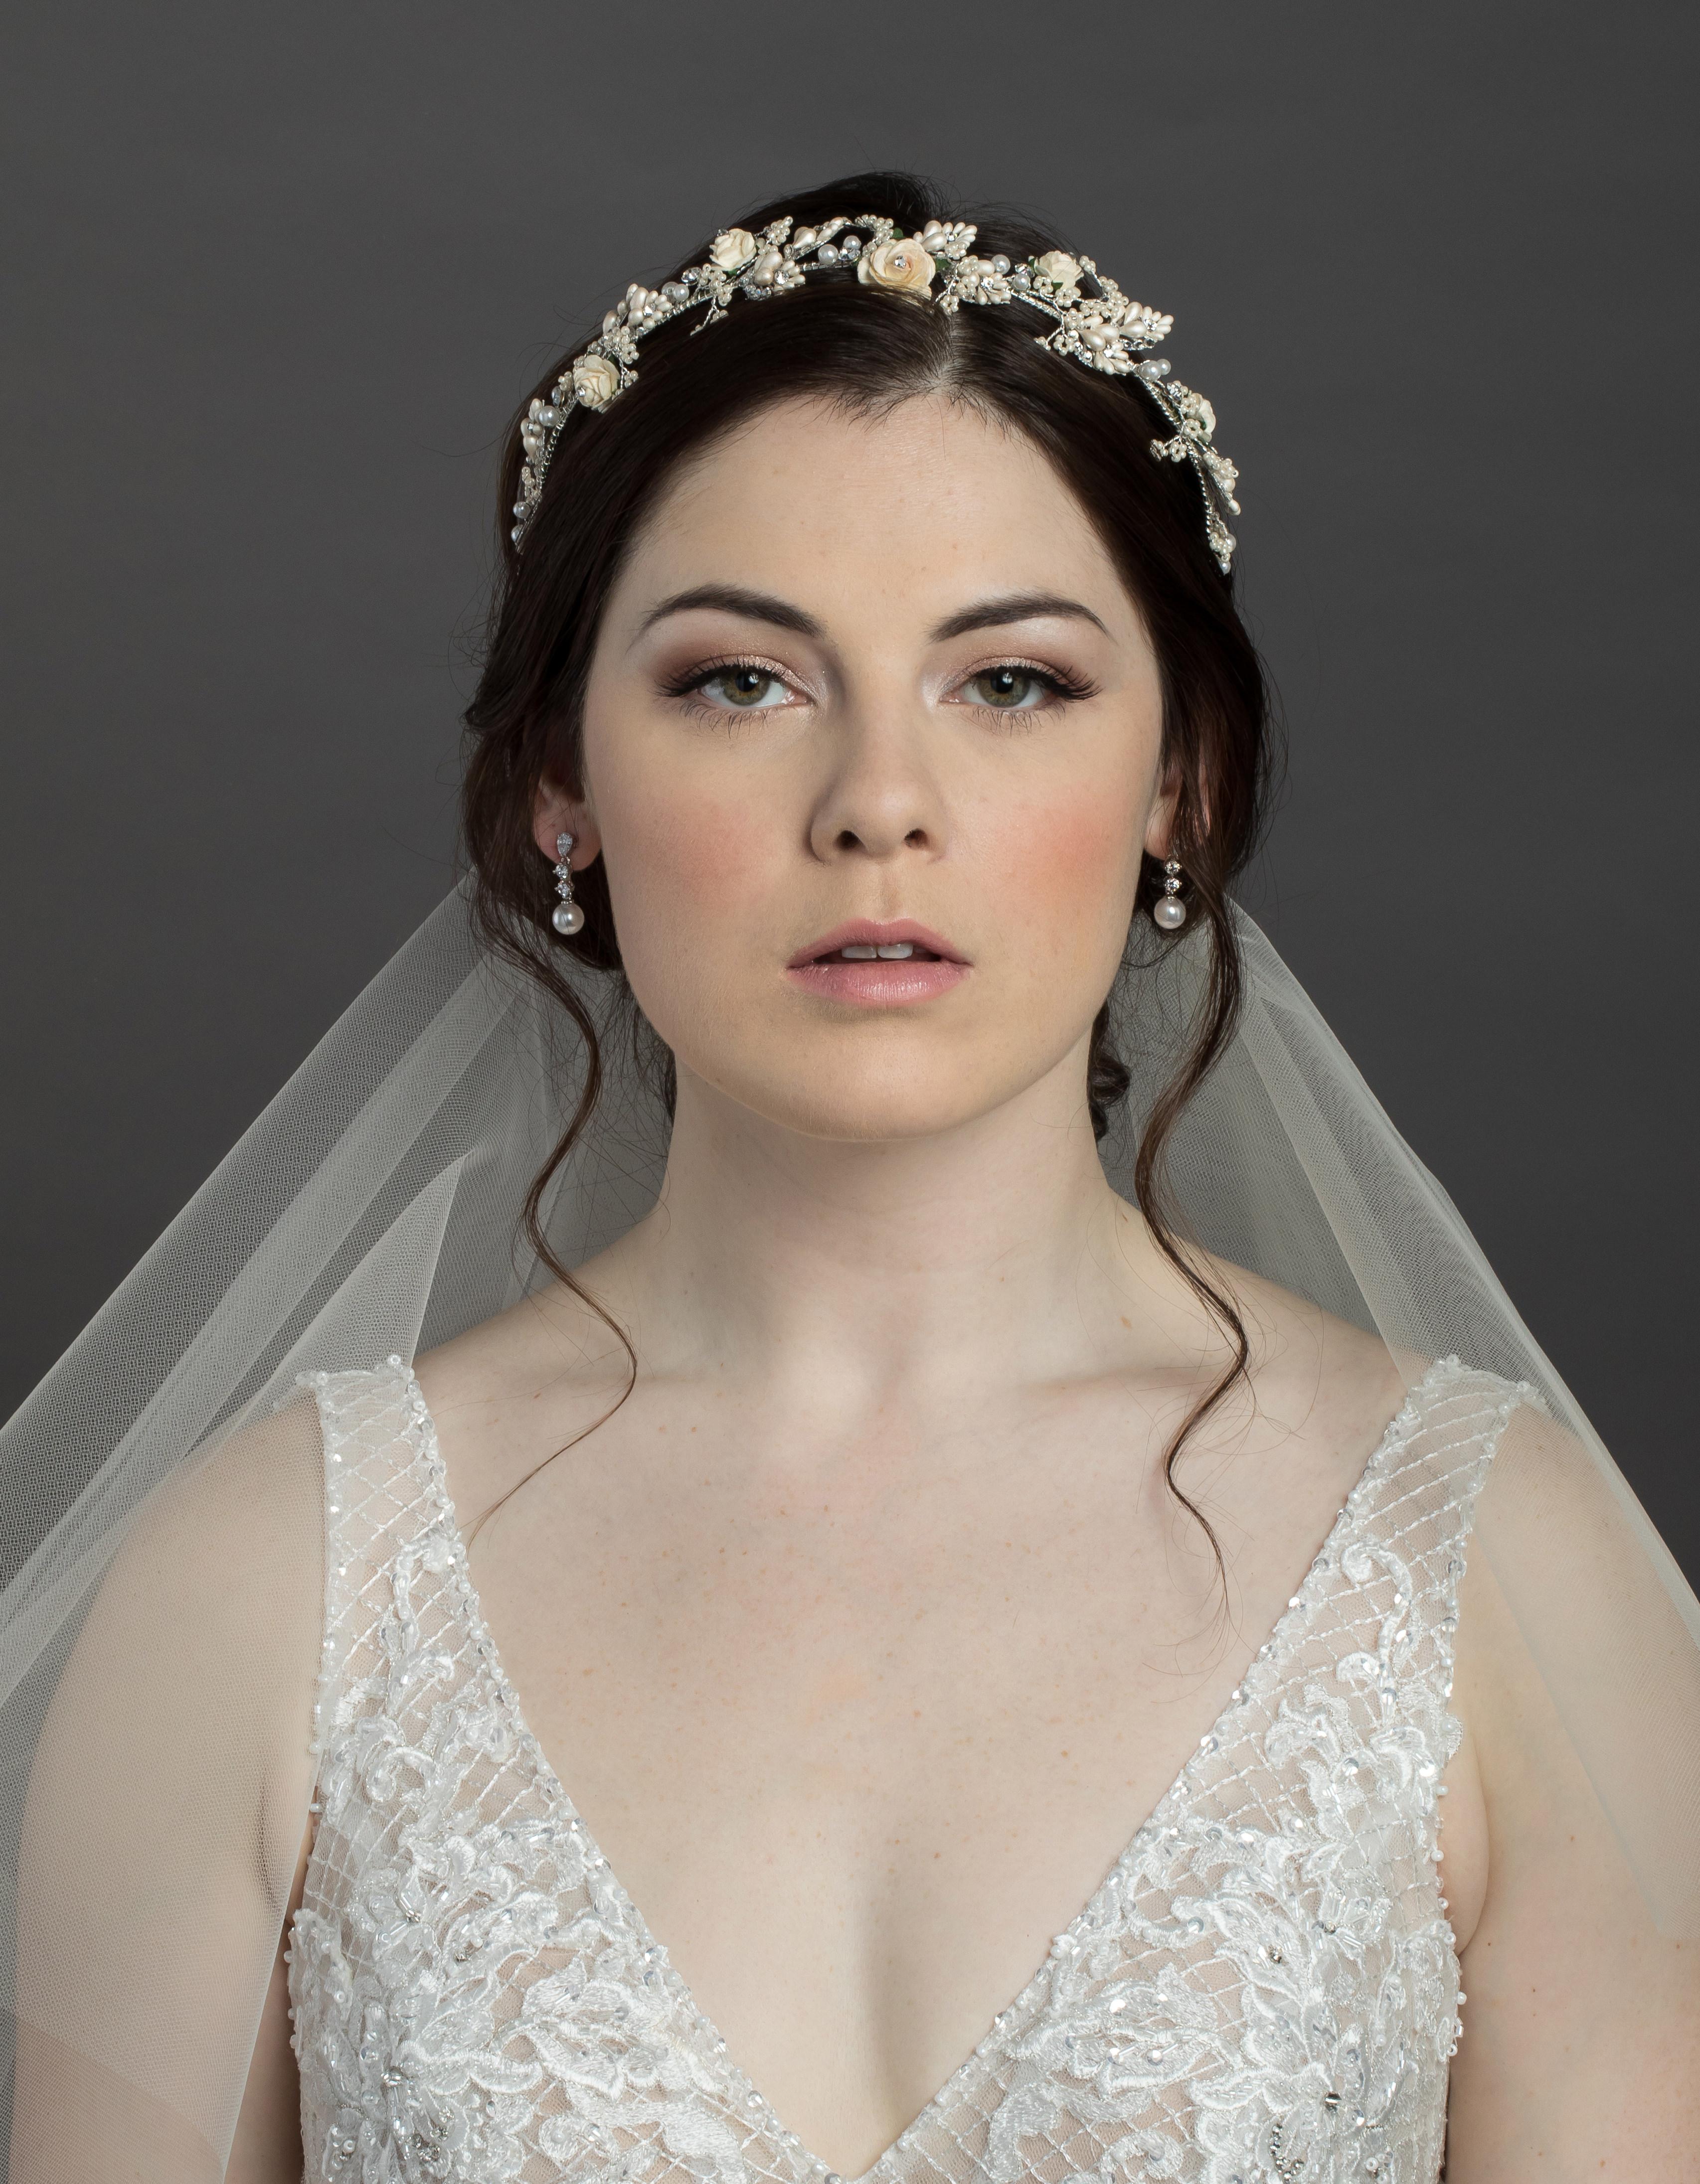 Bridal Classics Headbands, Wreaths & Vines T-4448